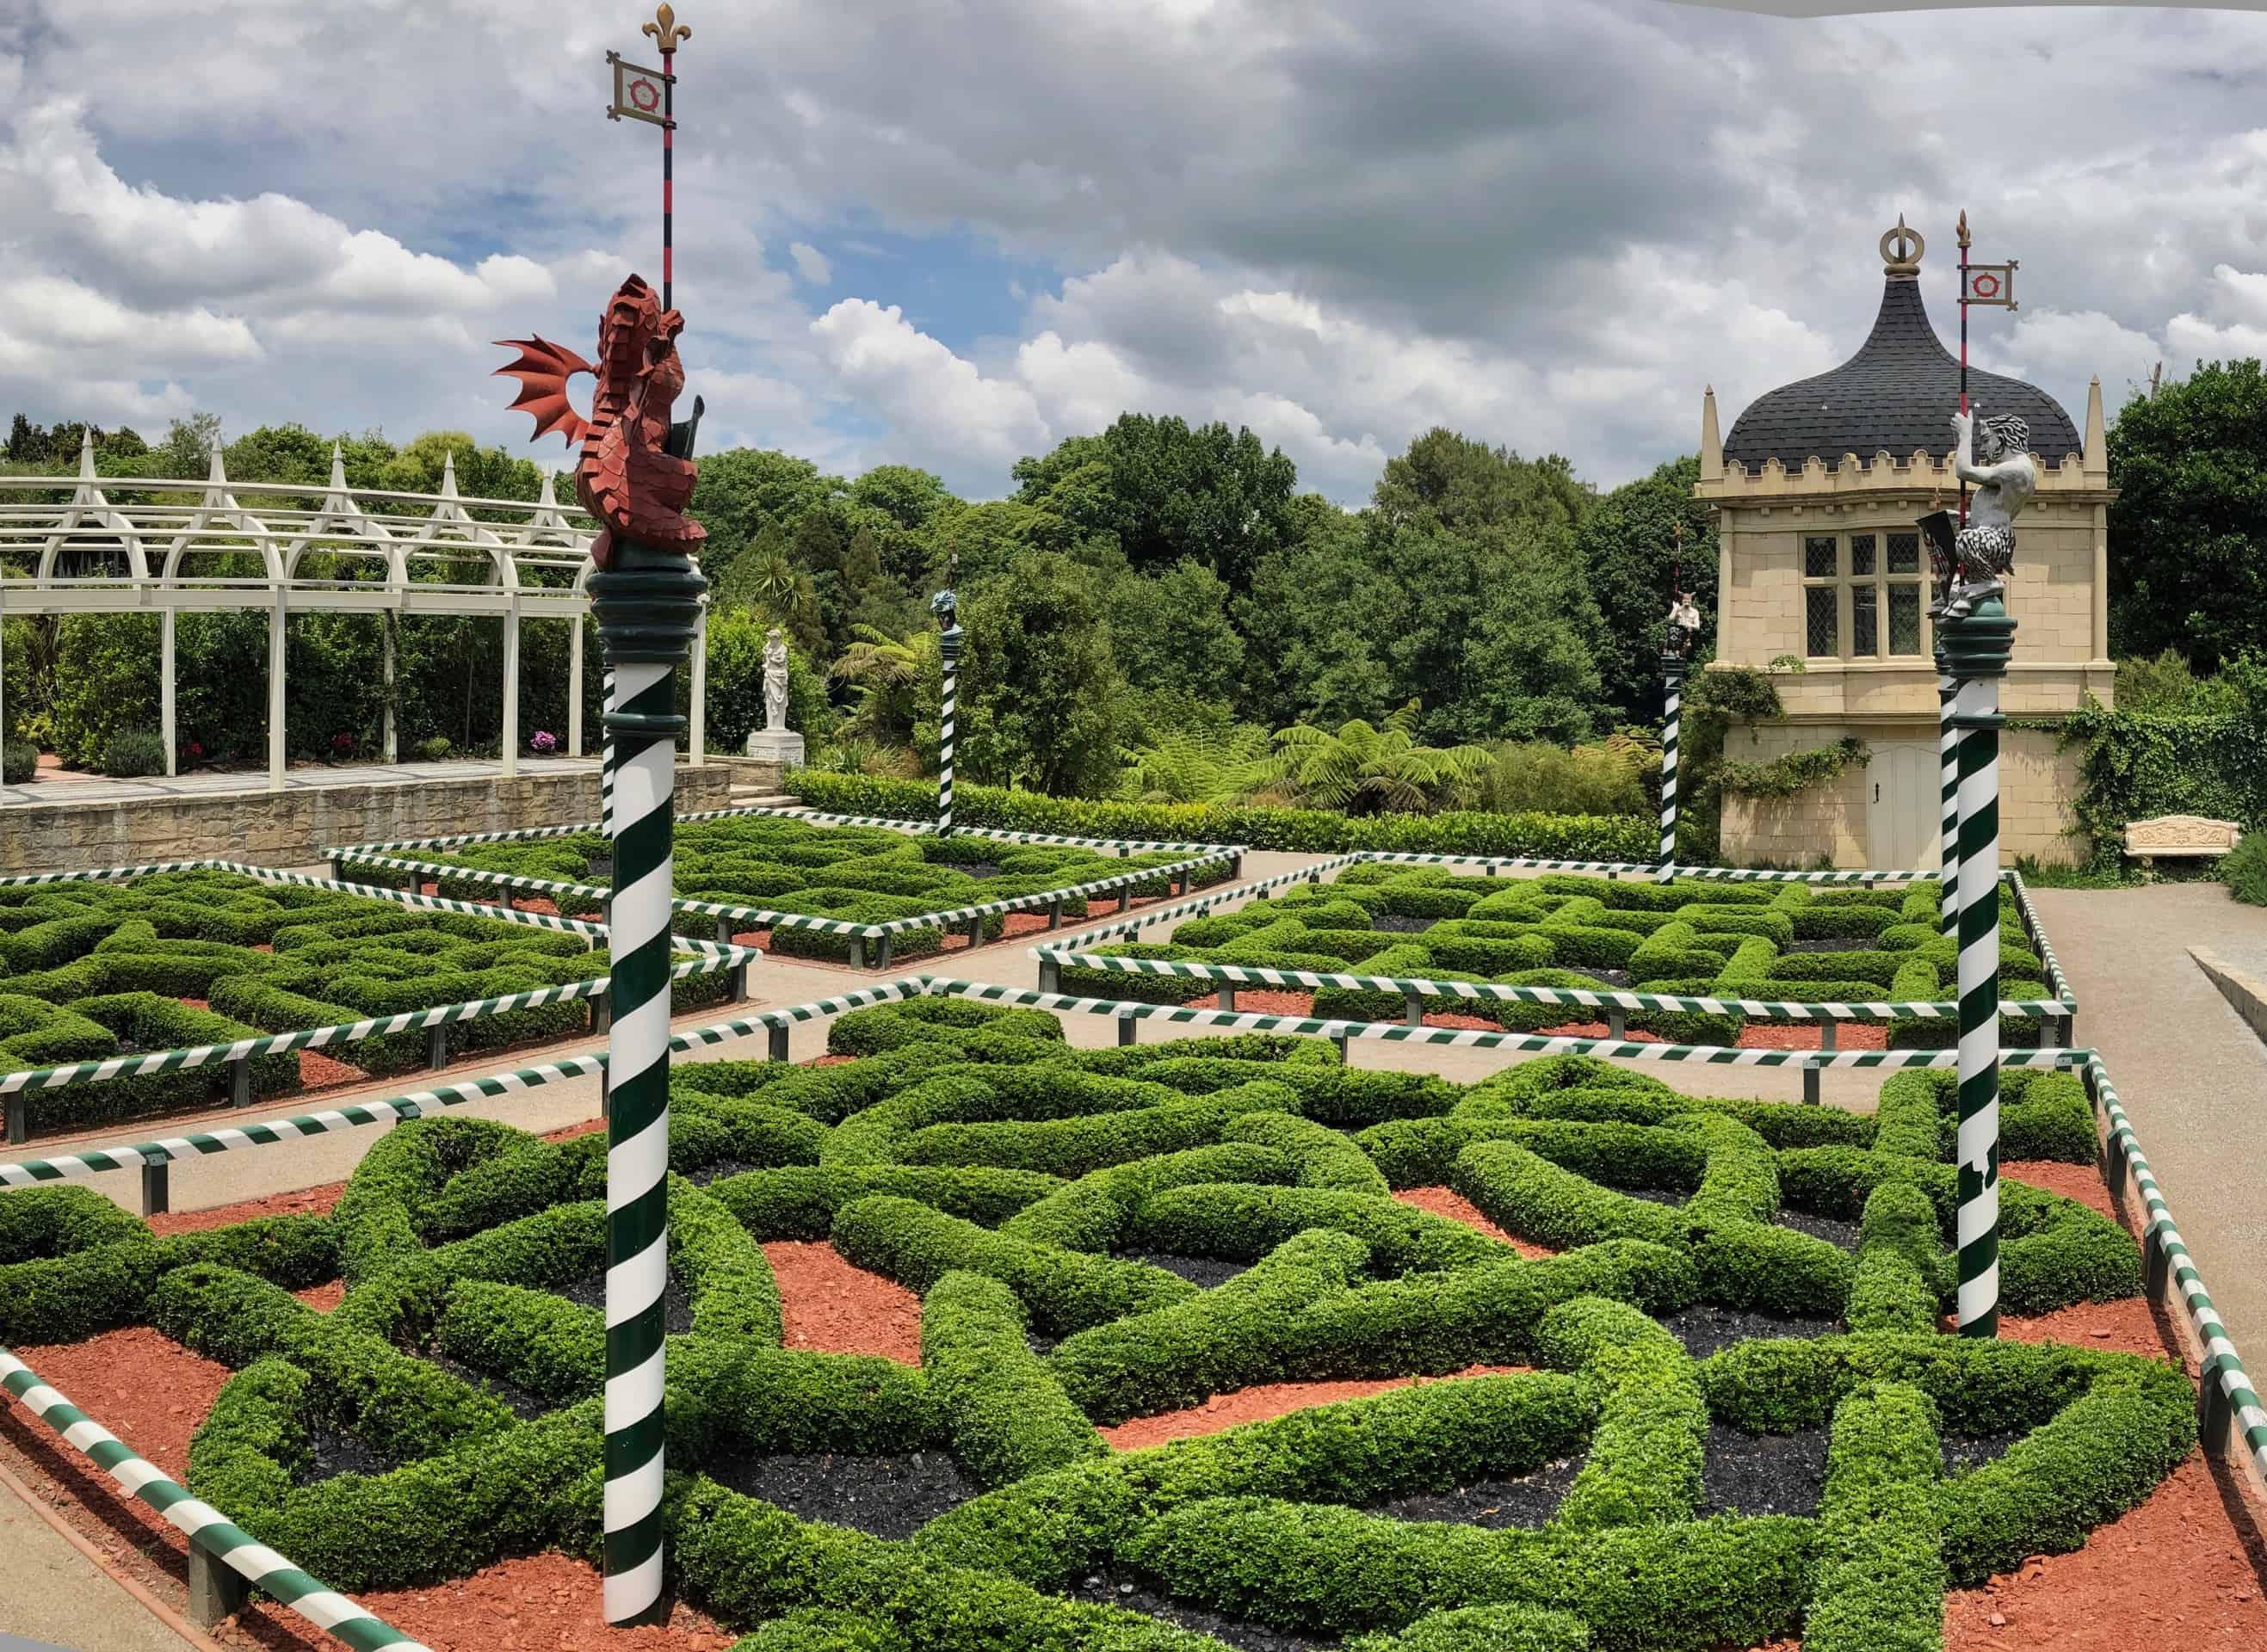 An example of a Tudor Garden